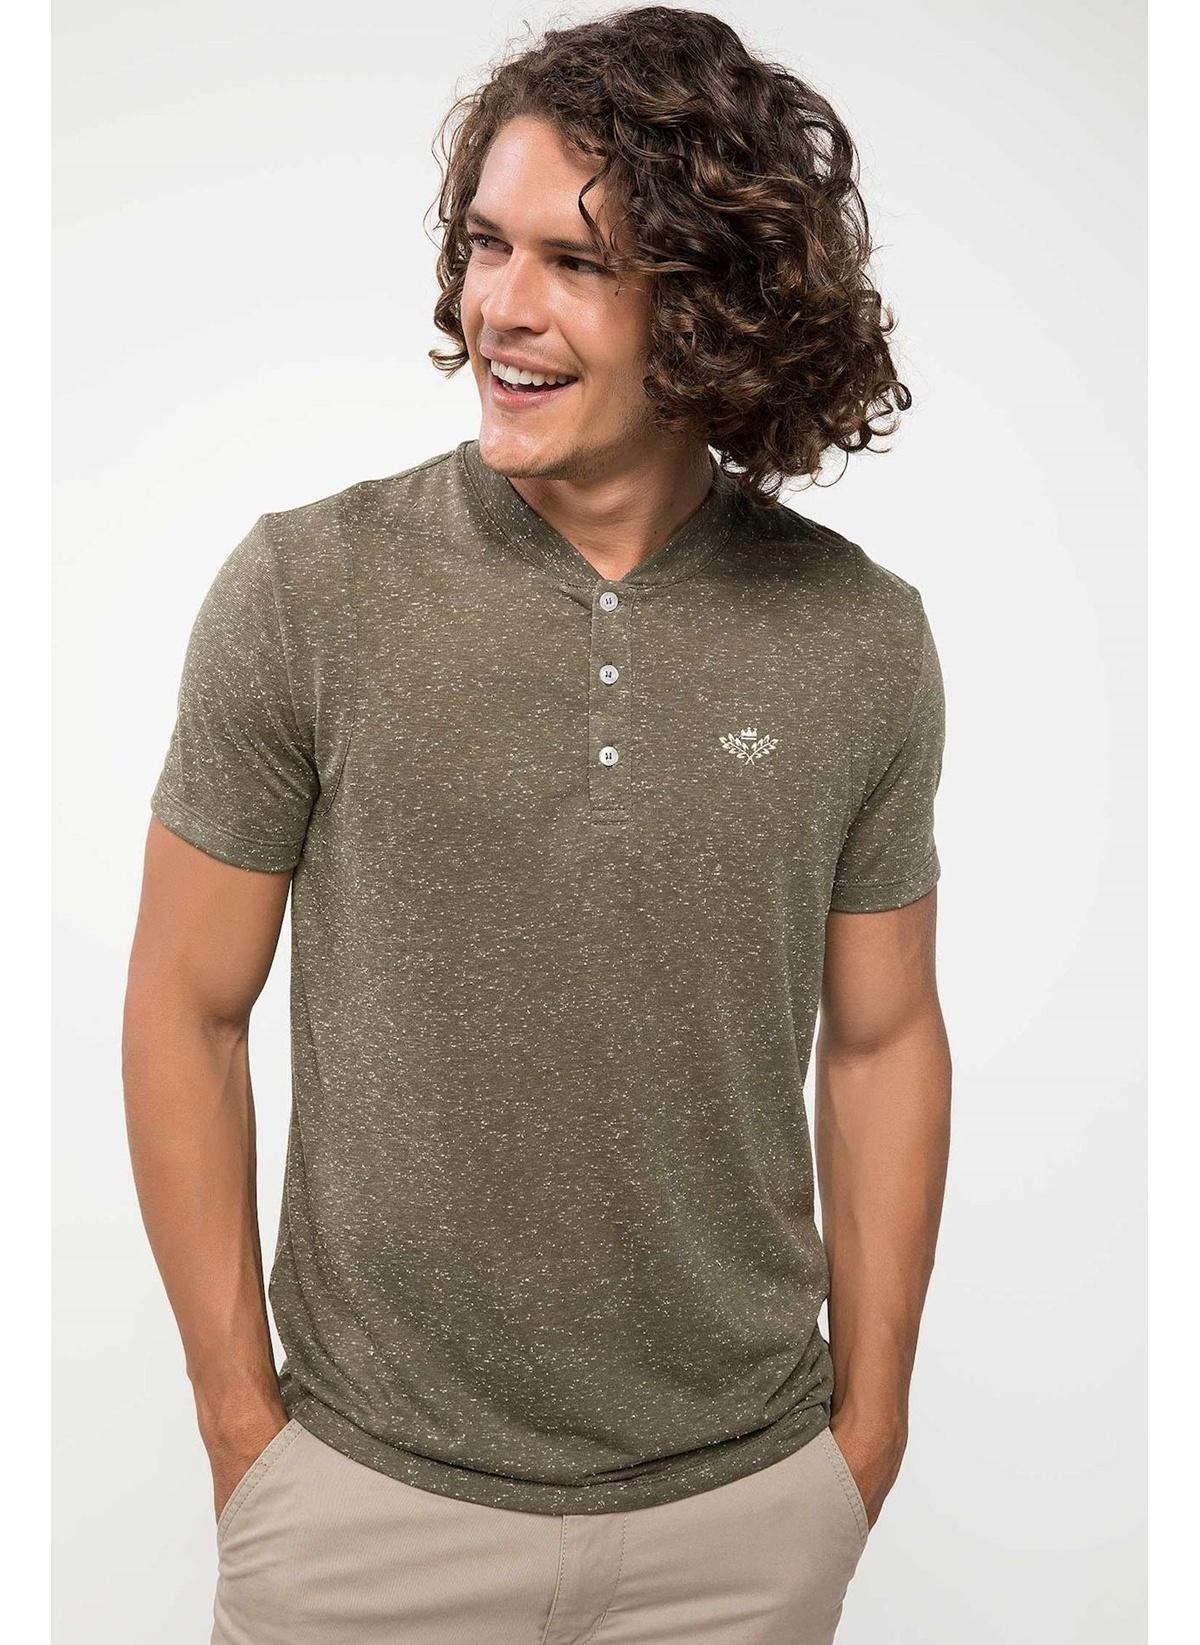 Defacto T-shirt J4345az18smar144t-shirt – 29.99 TL